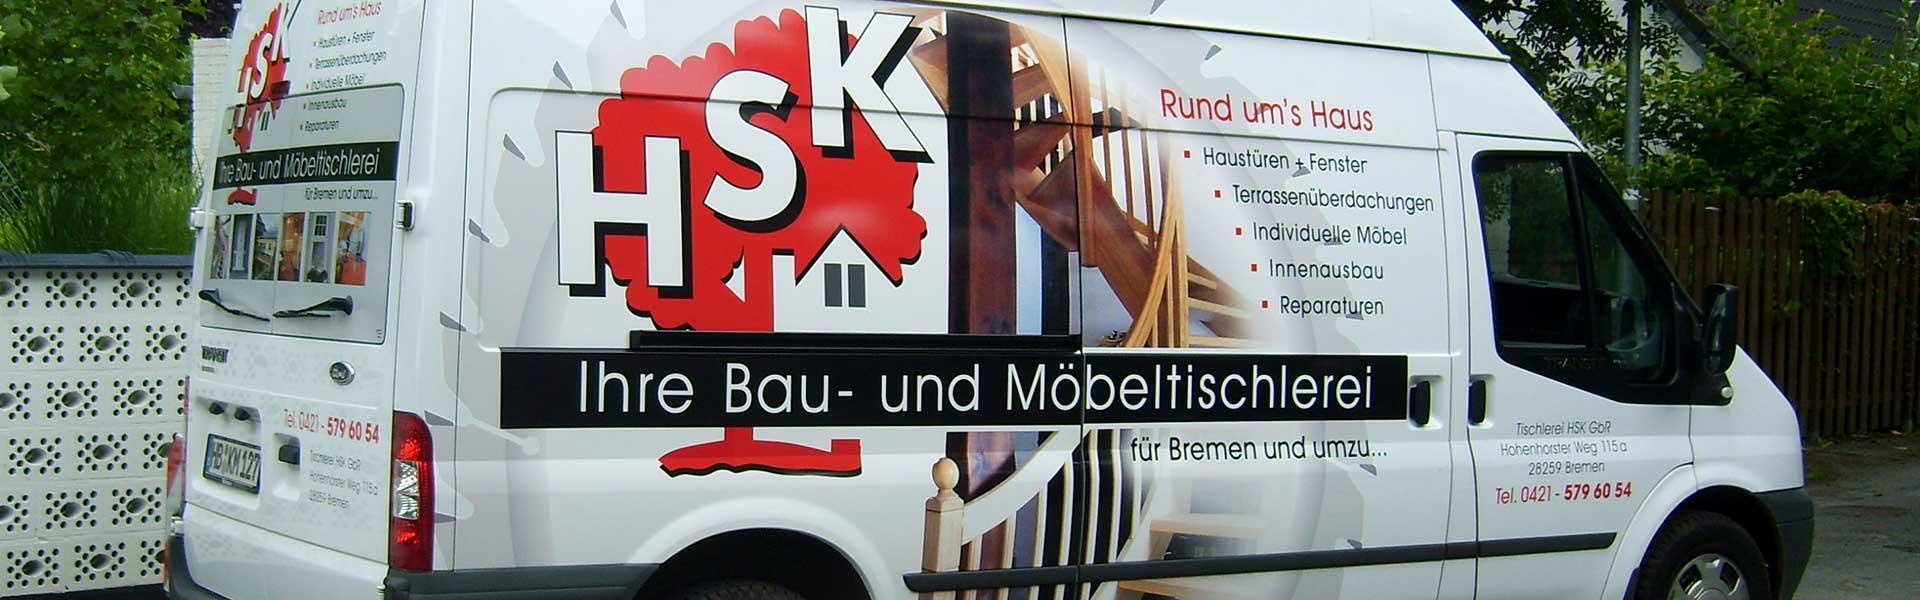 Werbebeschriftung auf Transportern